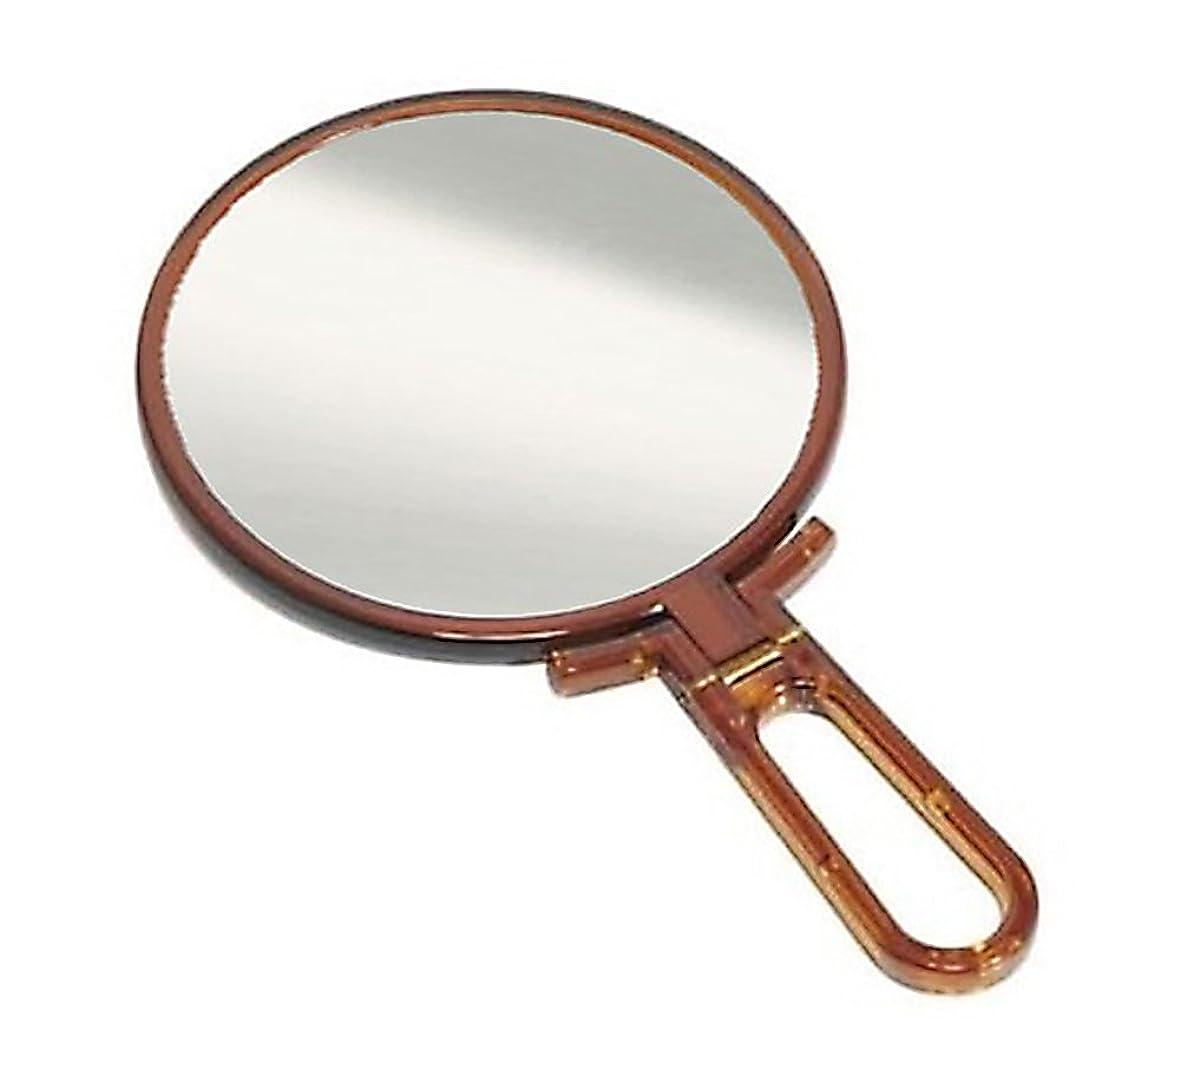 間接的アフリカ配置鏡 ハンドミラー 折立 No.455 べっ甲